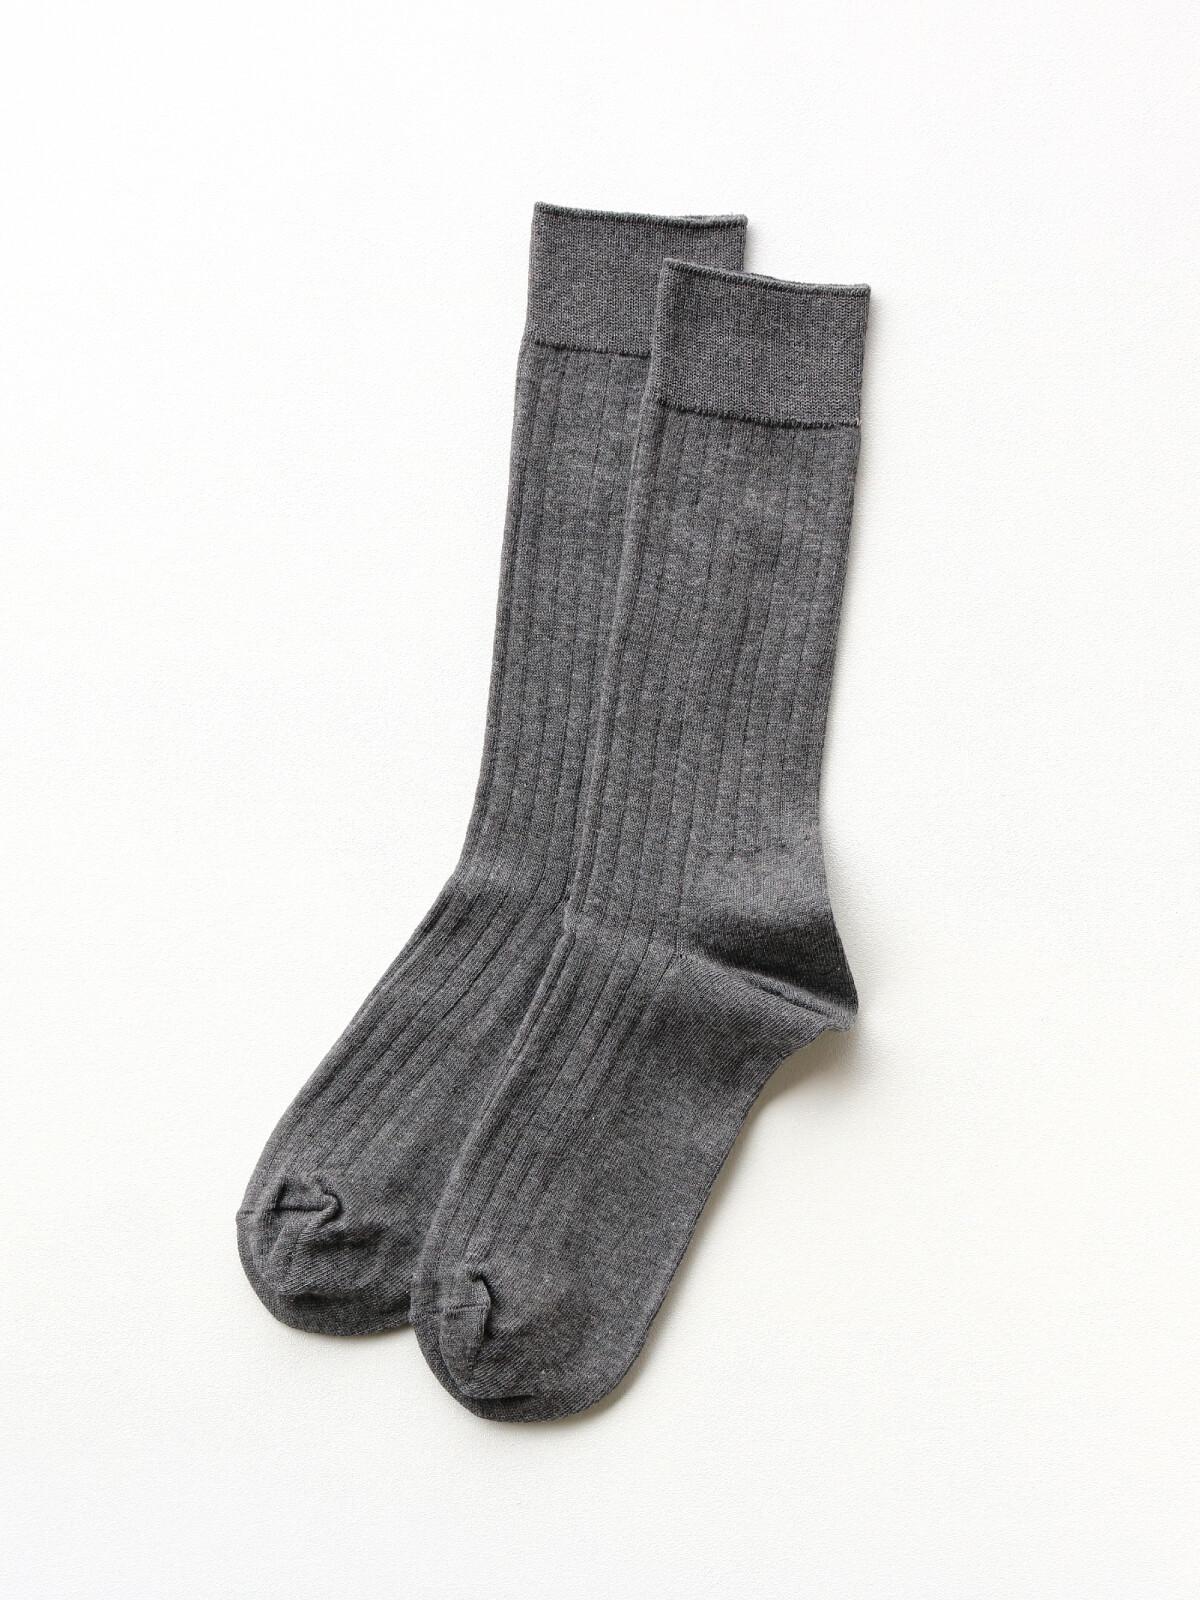 当たりつきギフト専用靴下のLUCKY SOCKS(ラッキーソックス)のLight Rib Socks(ライトリブソックス)のダークグレー_2